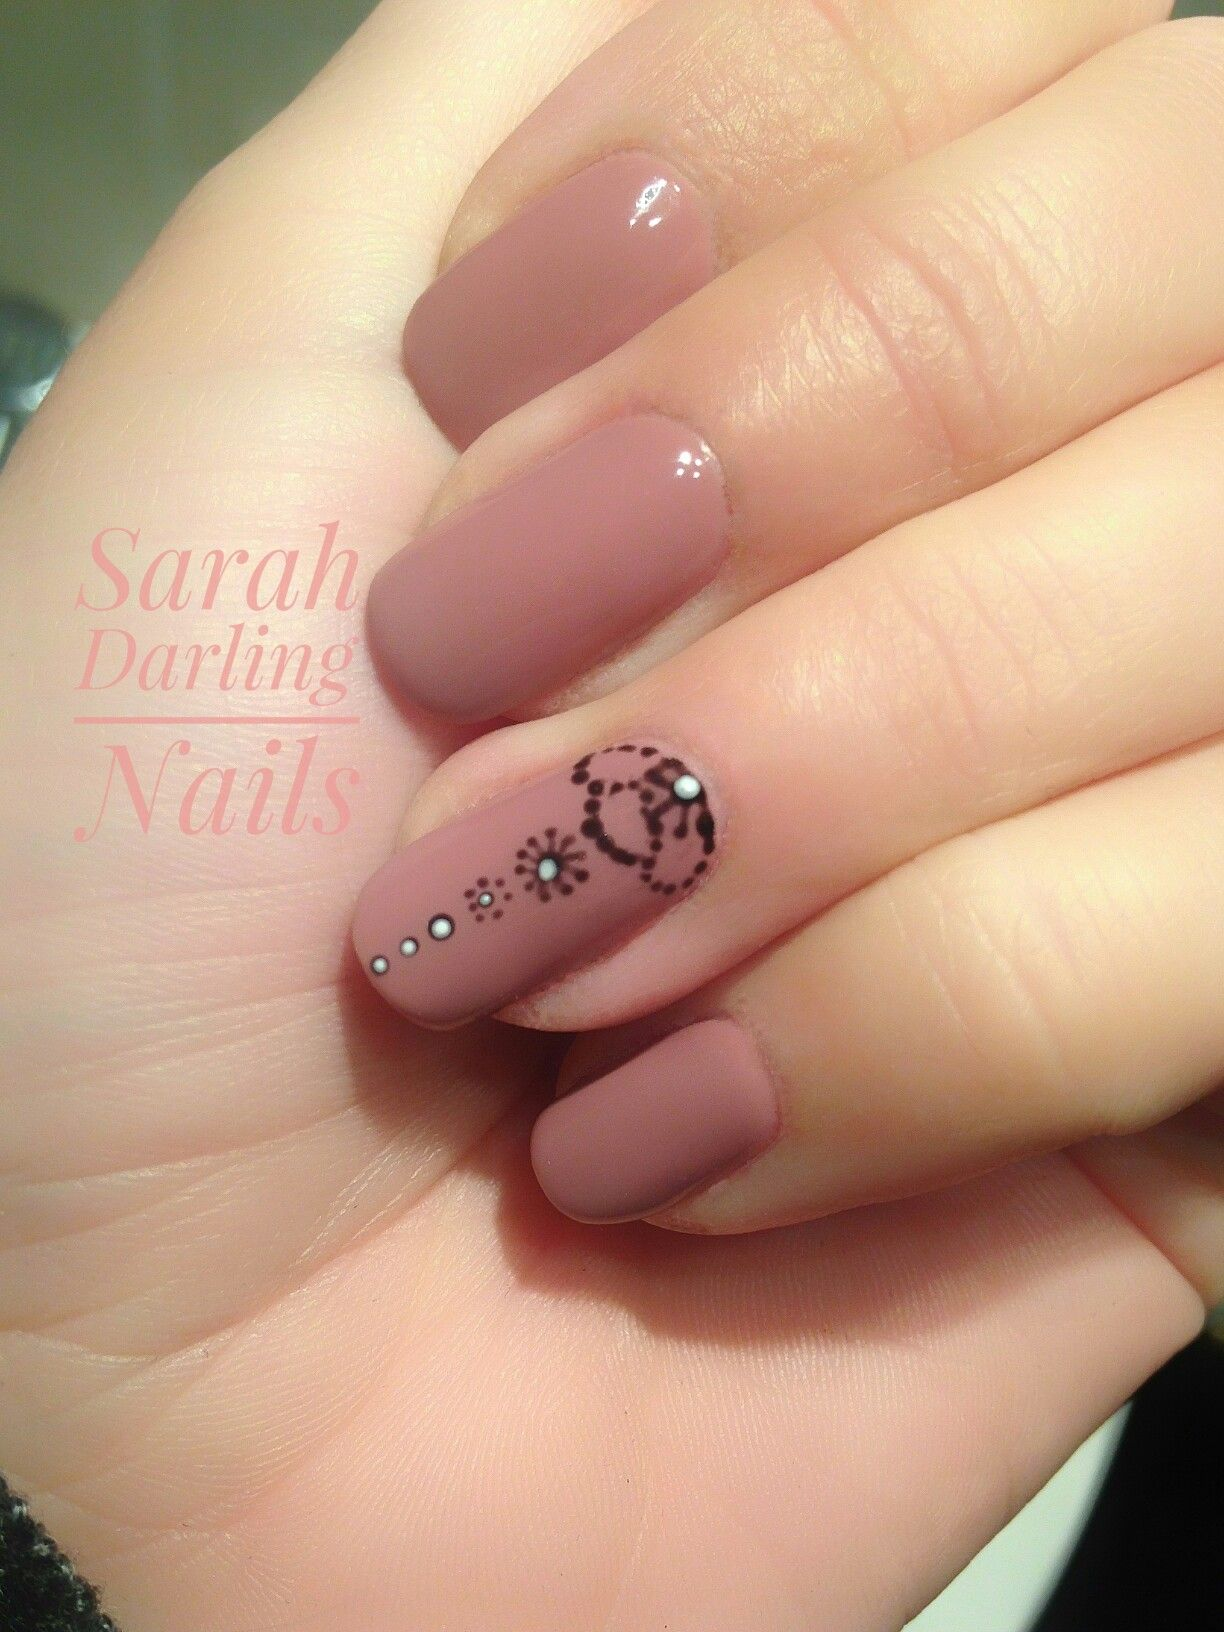 Pin by Sarah Darling on Sarah Darling Nails   Pinterest   Natural nails